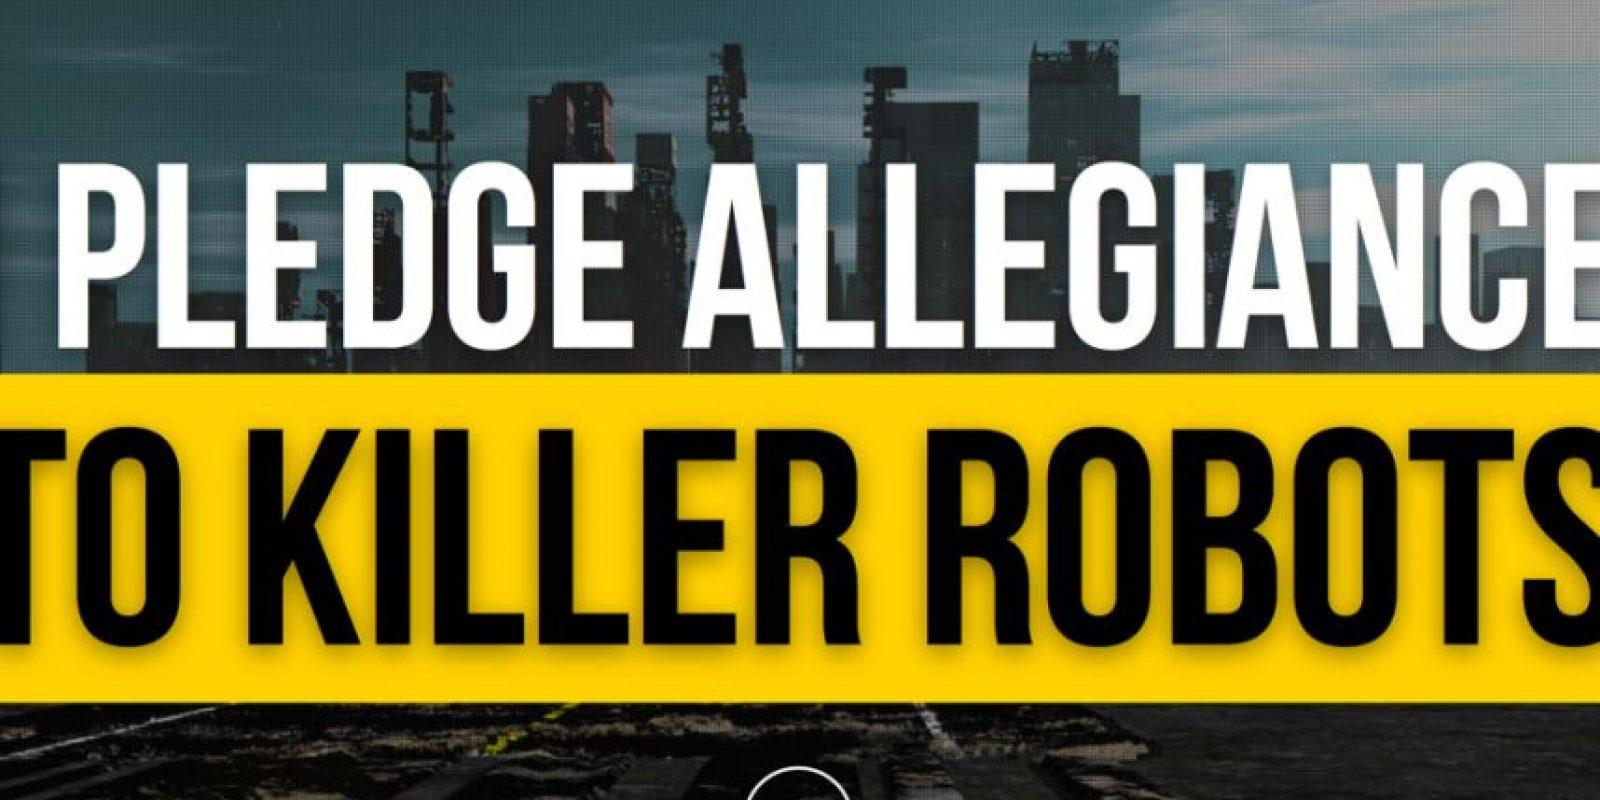 El sitio cuenta con más 100 miembros en todo el mundo Foto:IPledgeAllegianceToKillerRobots.com